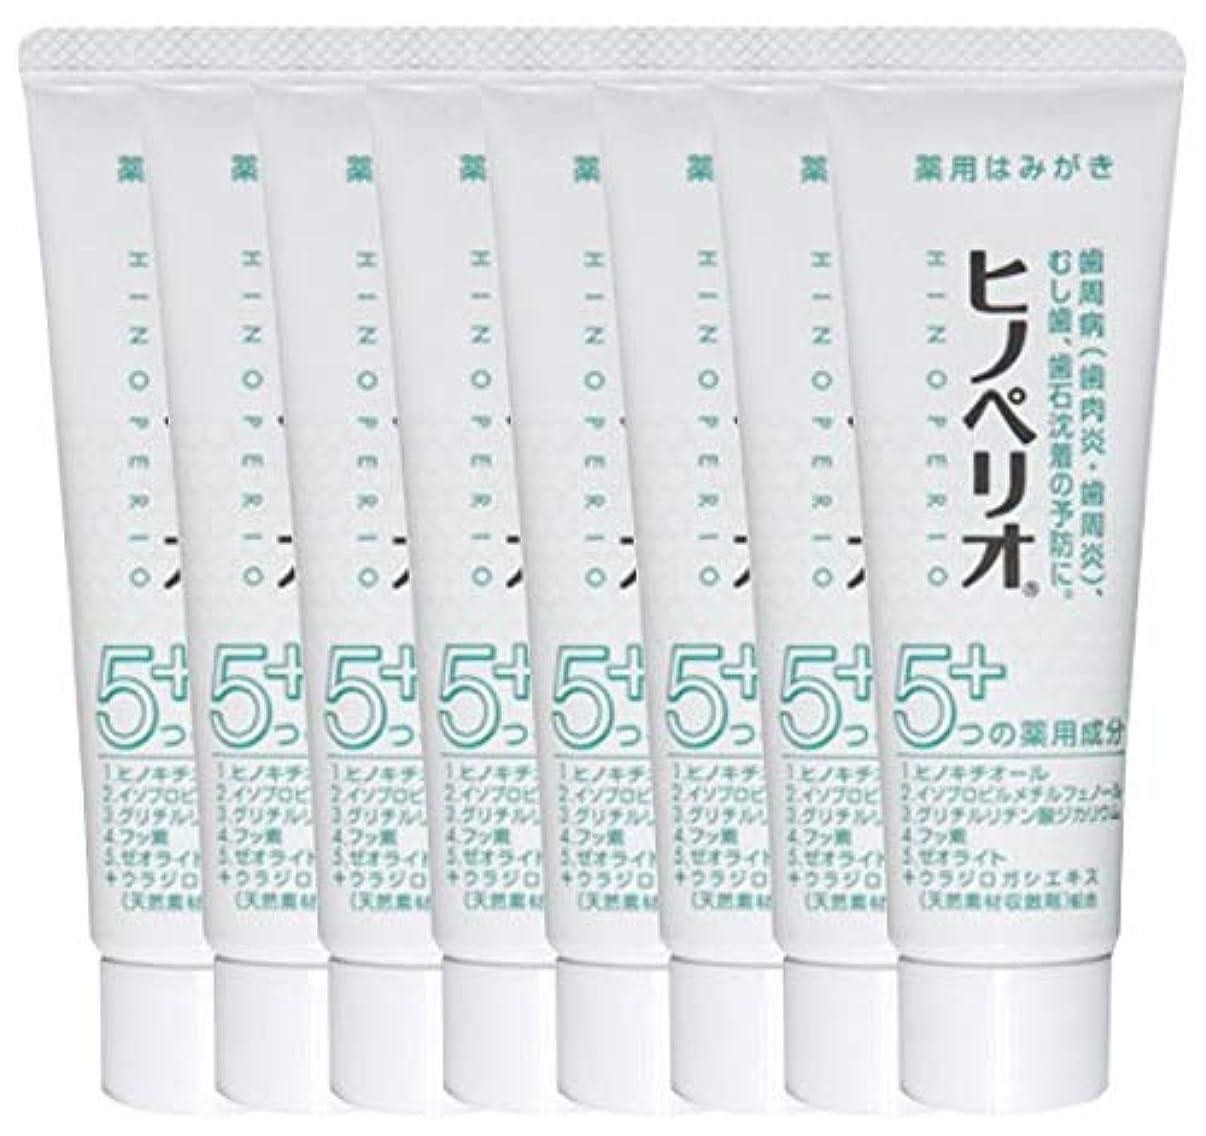 区因子手錠昭和薬品 ヒノペリオ60g 医薬部外品 × 8本